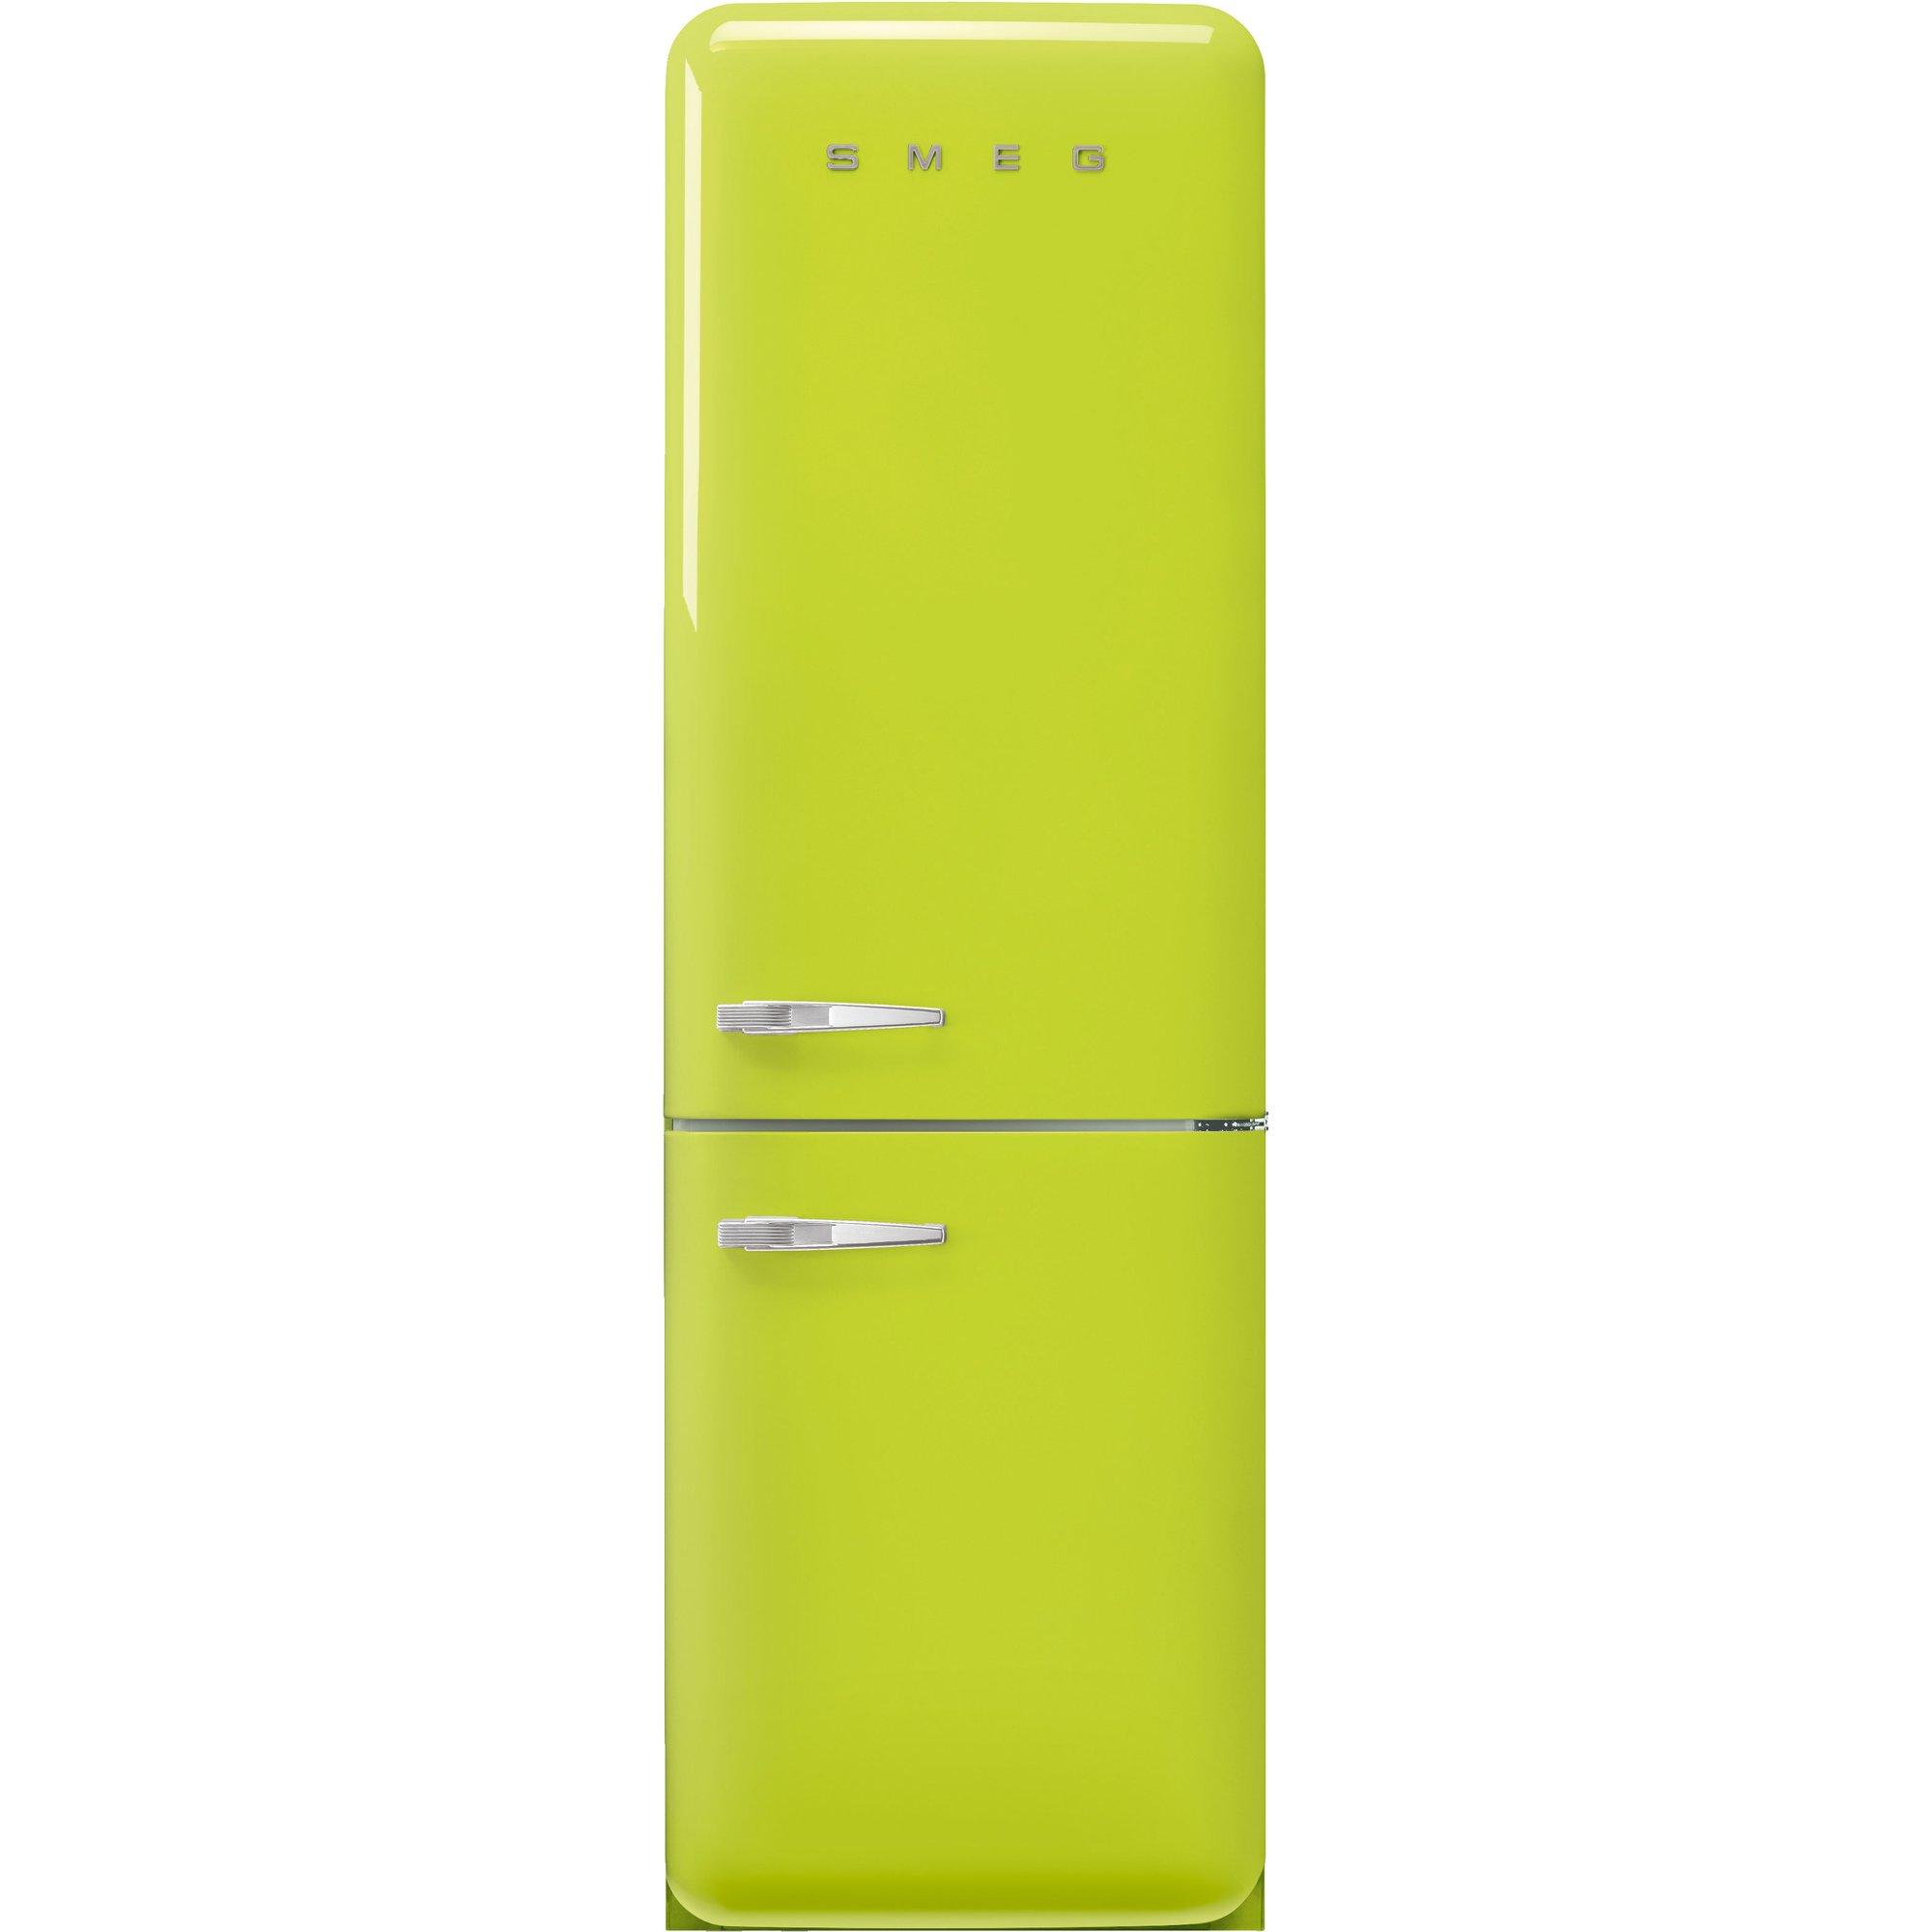 Smeg FAB32RLI5 Køle-/fryseskab limegrøn